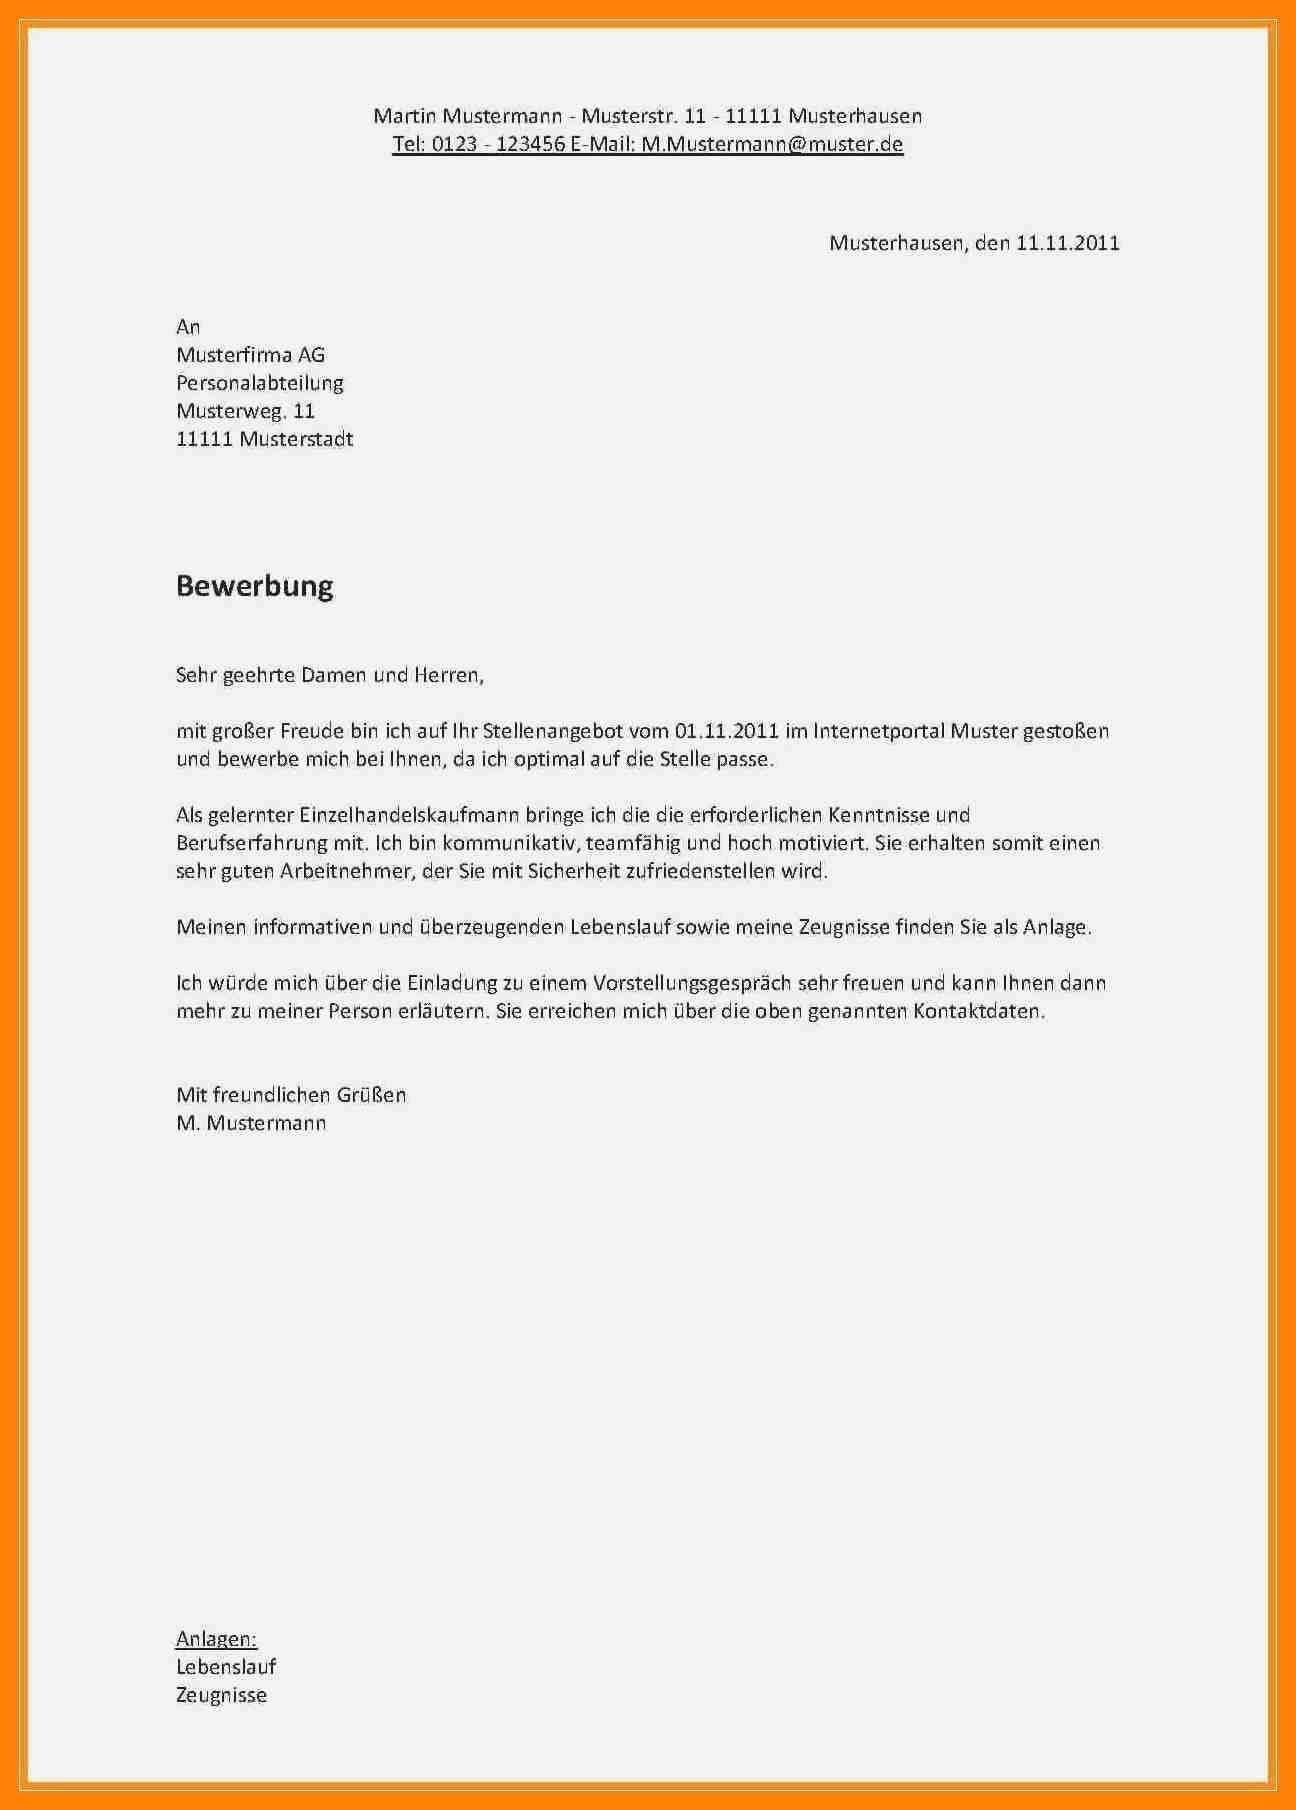 Pin Von Soph Auf Lebenslauf Anschreiben Bewerbung Schreiben